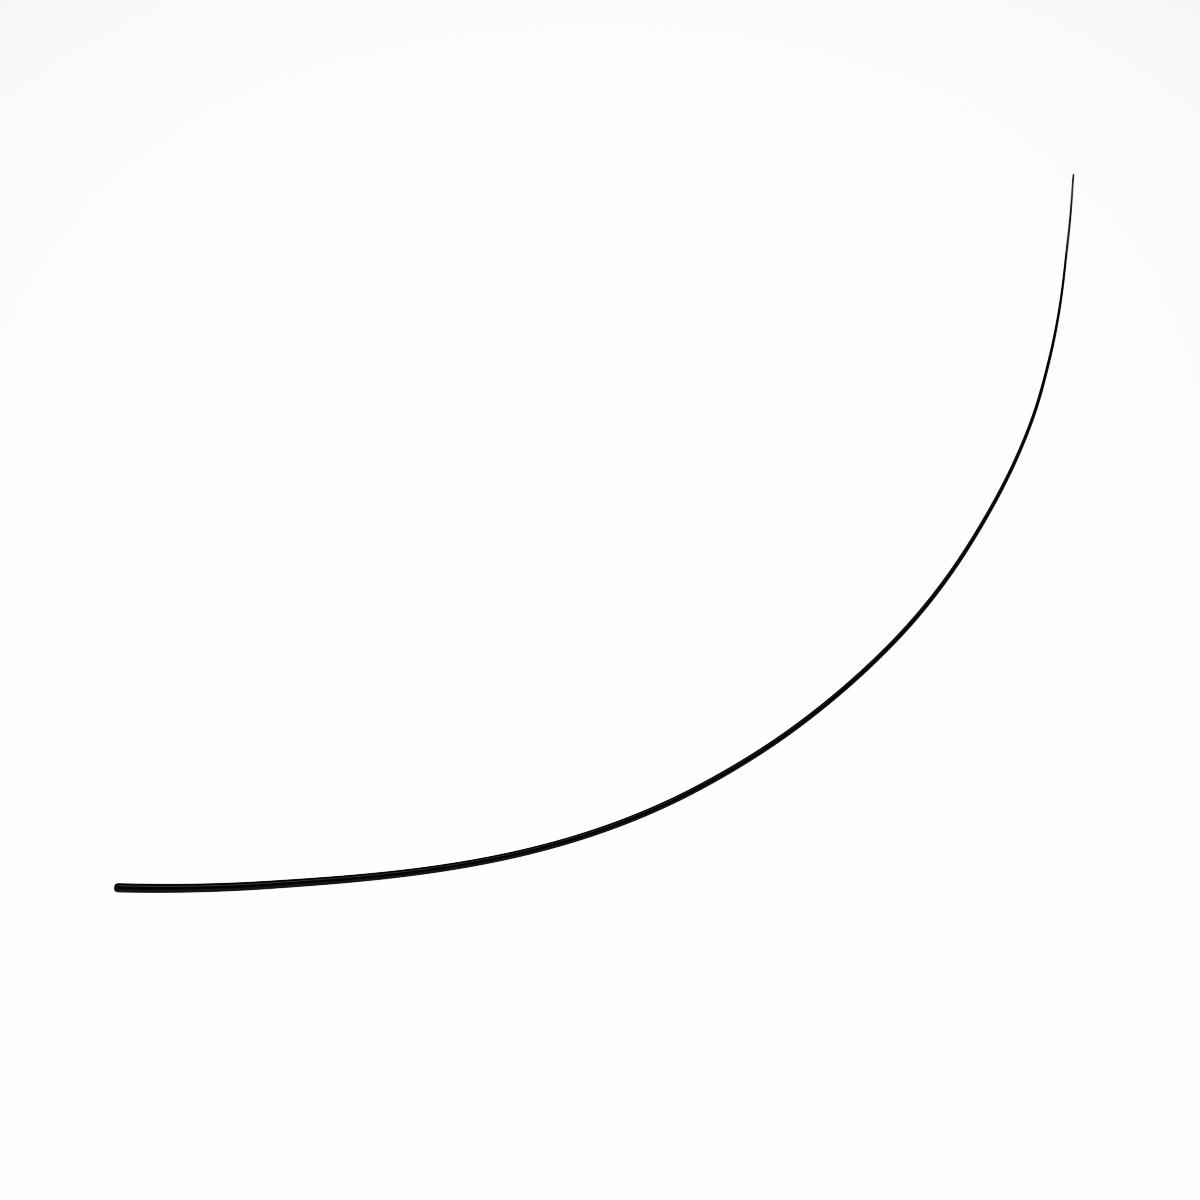 rzesy-objetosciowe-silk-black-c-0-1